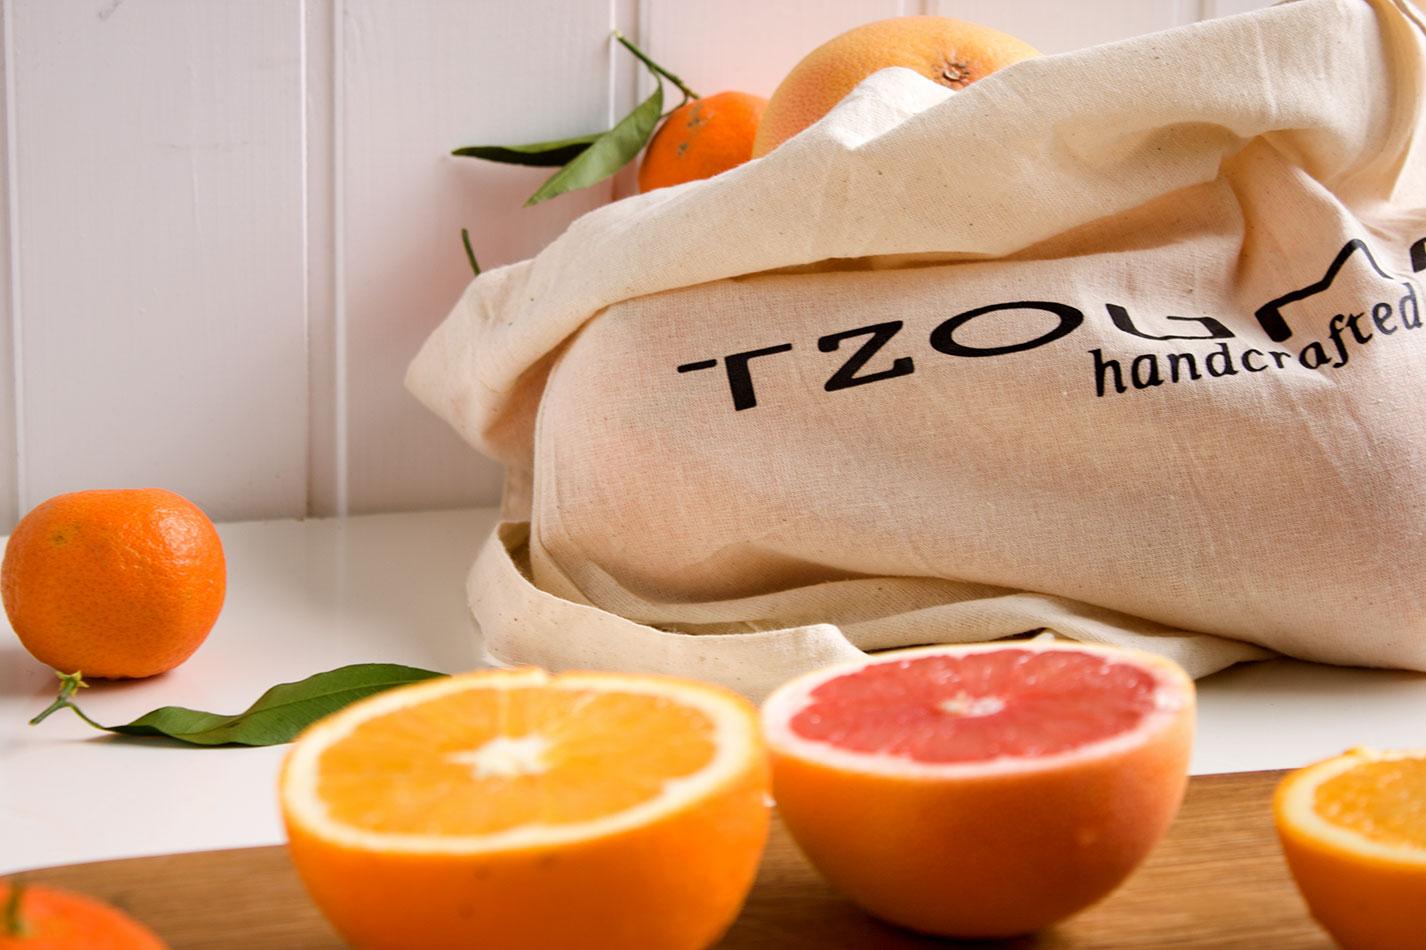 tzoumani handcrafted by eatyourselfgreek